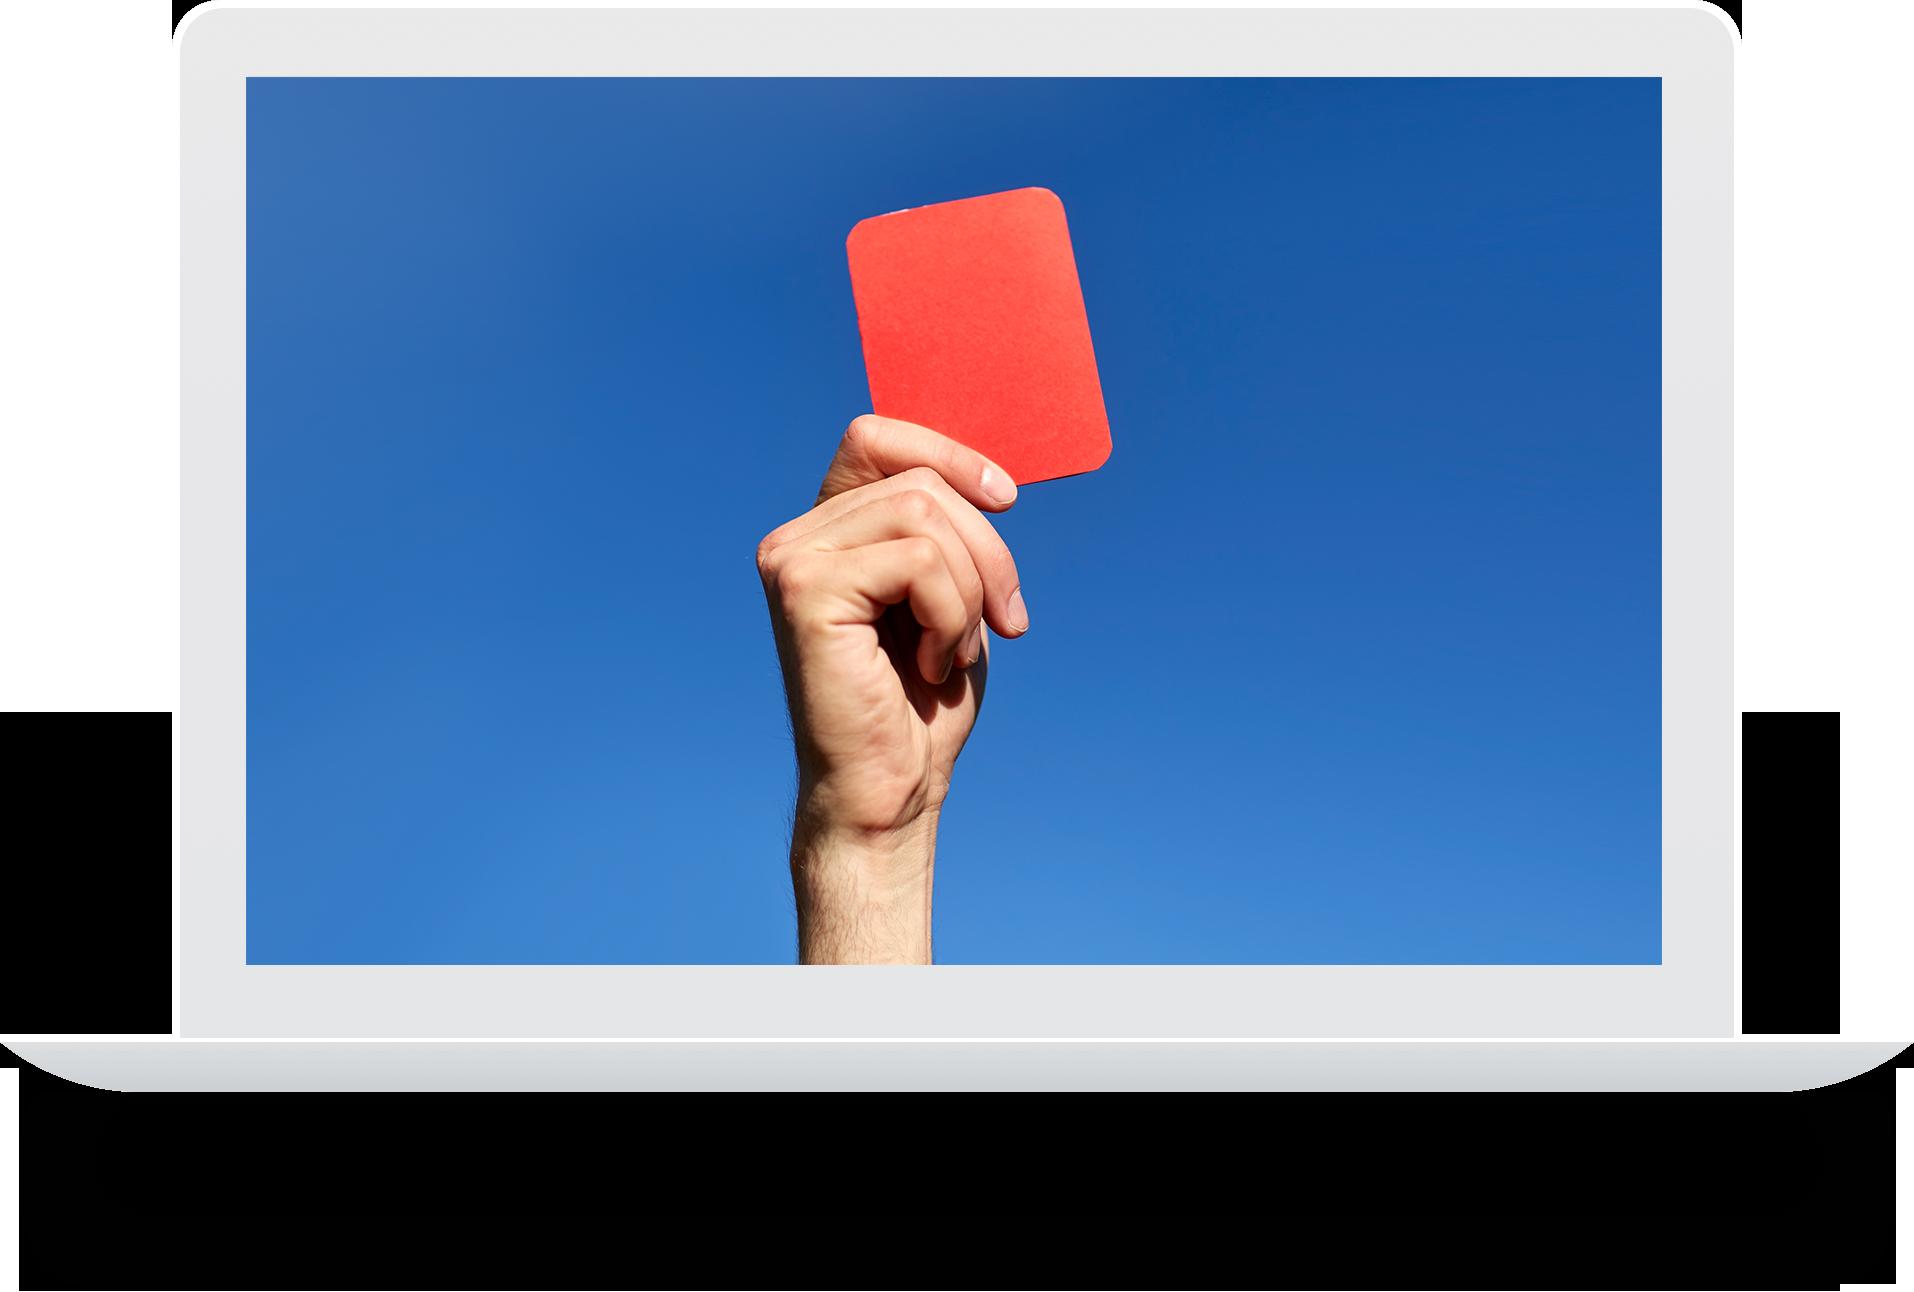 Anschlussfinanzierung-rote-Karte